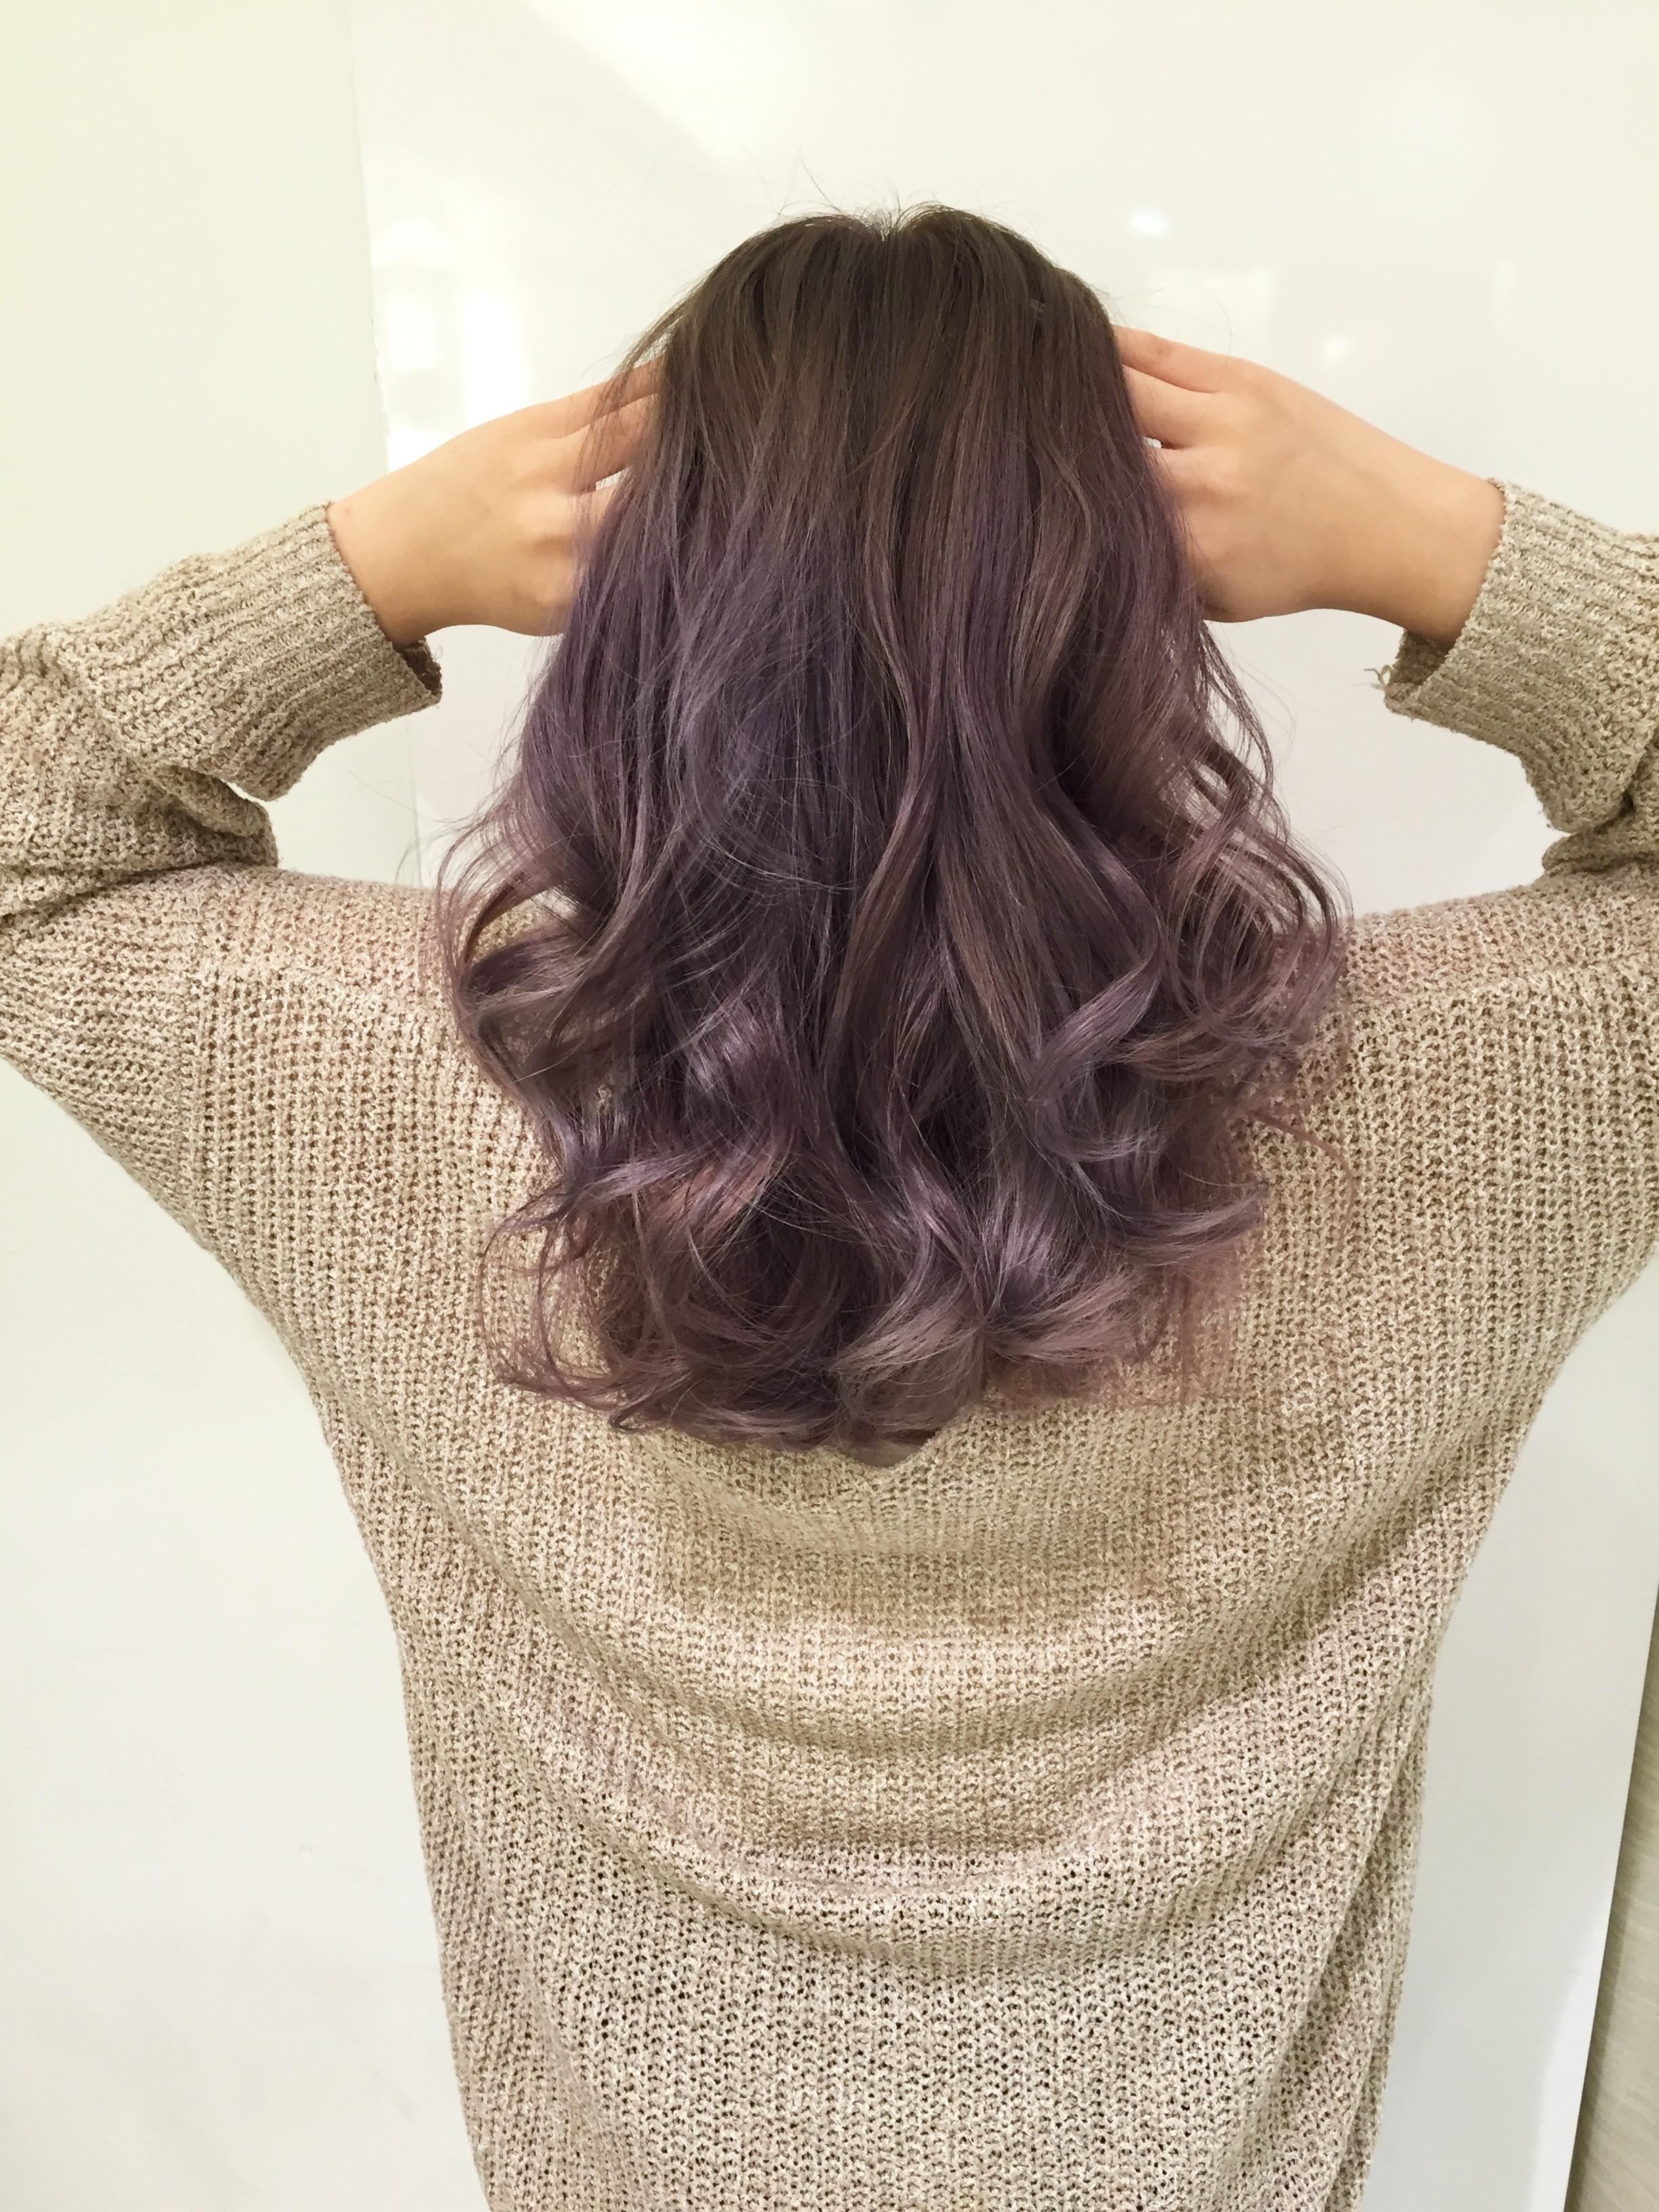 【ラベンダーアッシュ】ブリーチなしで暗めの髪色・ヘアカラー【ダーク・ピンク】のサムネイル画像